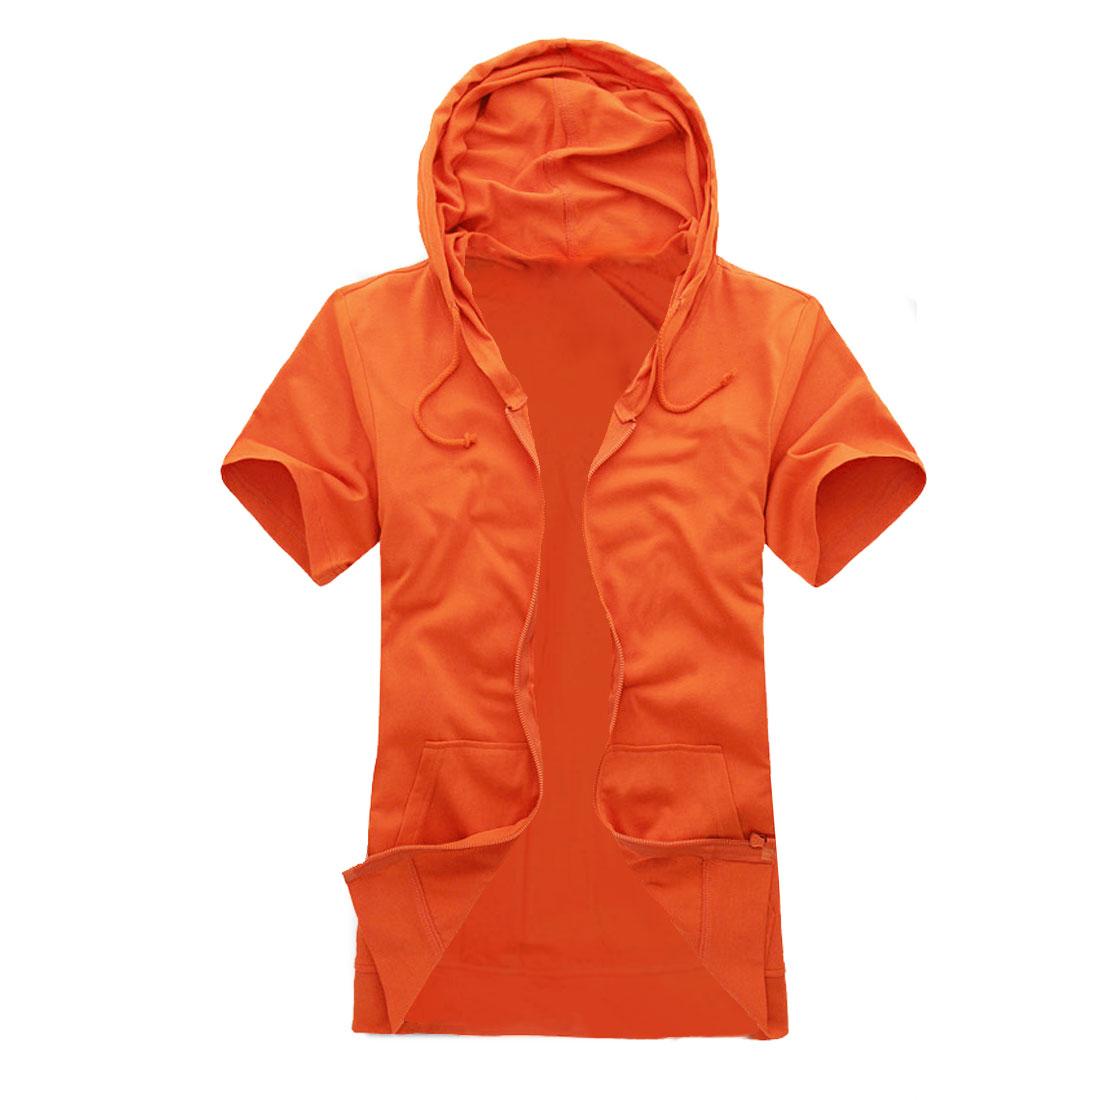 Mens Orange Short Sleeves Zip Closure Front Summer Casual Hoodie M